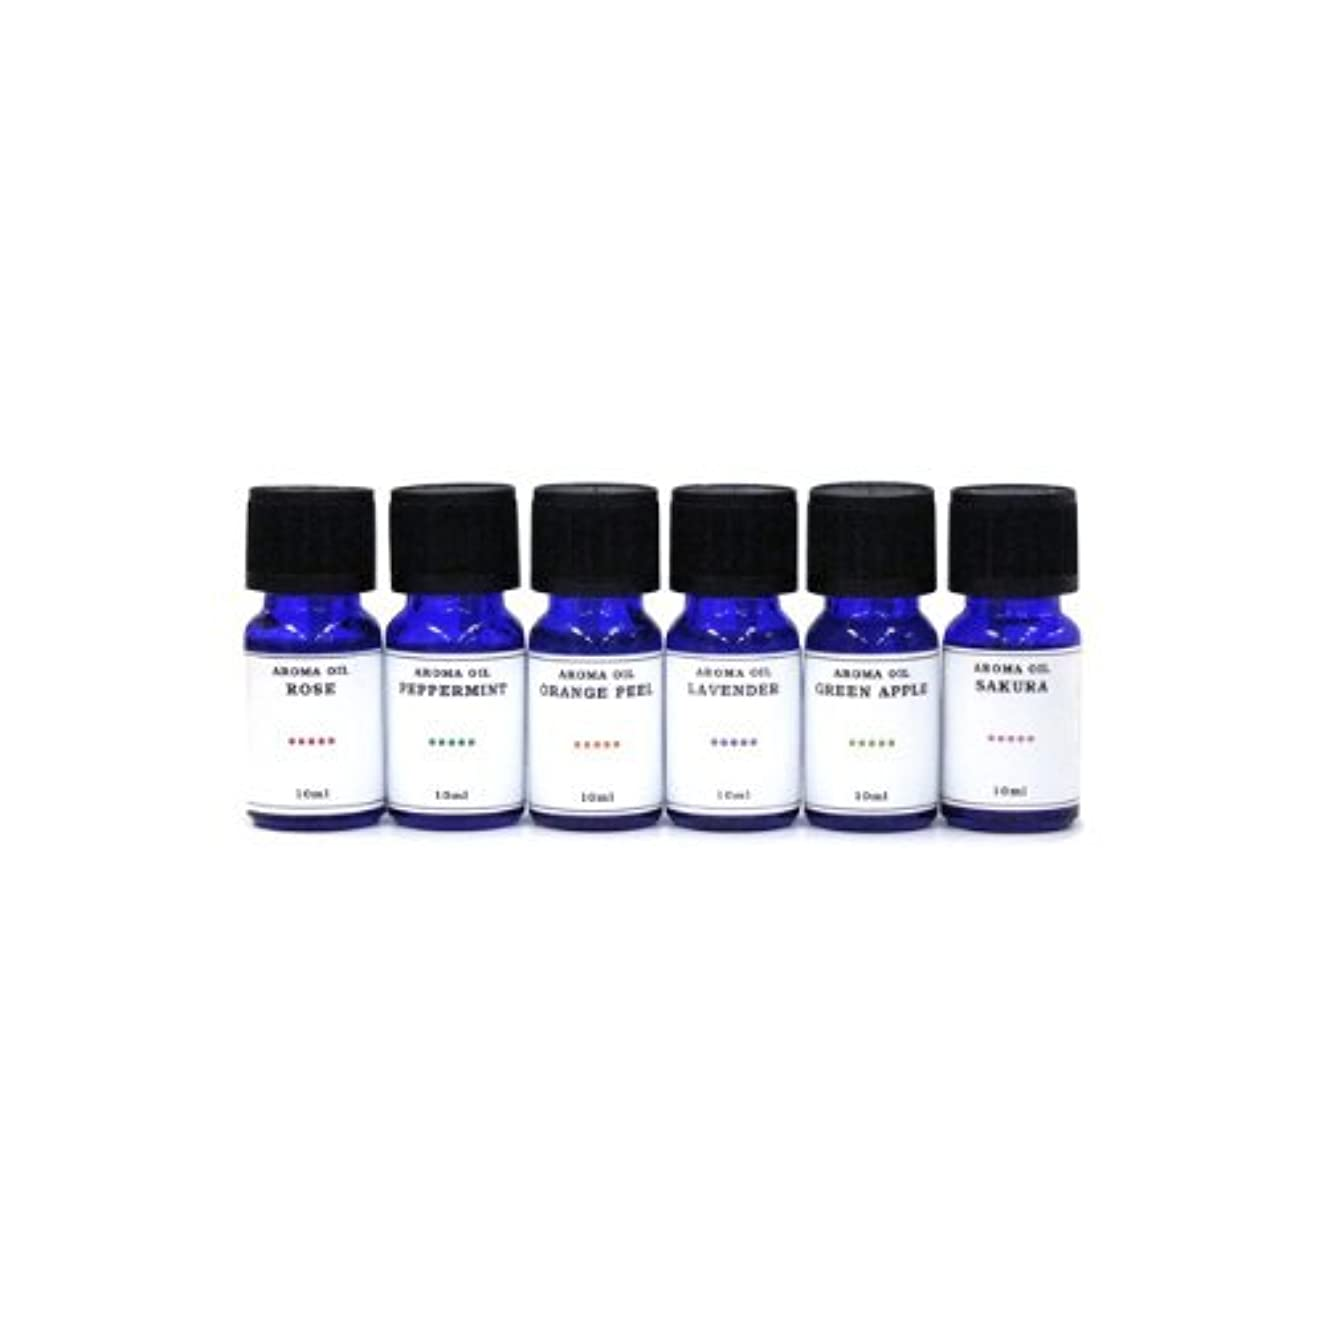 装備する落ち着く糞水溶性アロマオイル 6種の香りセット ラベンダー/ペパーミント/オレンジピール/サクラ/グリーンアップル/ローズ